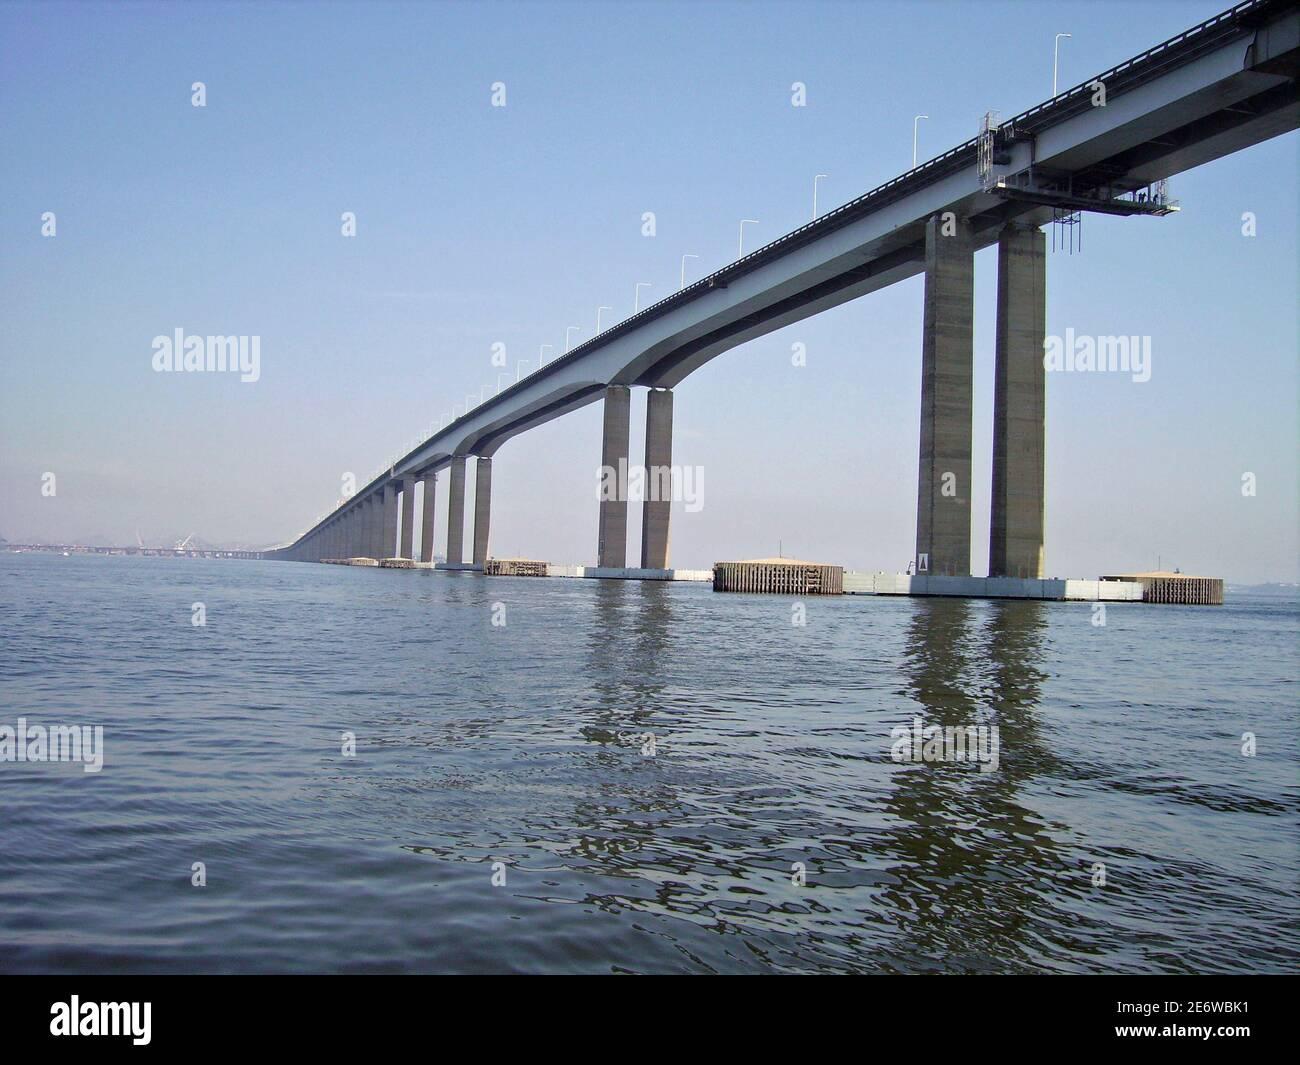 https://c7.alamy.com/comp/2E6WBK1/rio-de-janeiro-pont-de-niteroi-baie-de-guanabara-2E6WBK1.jpg